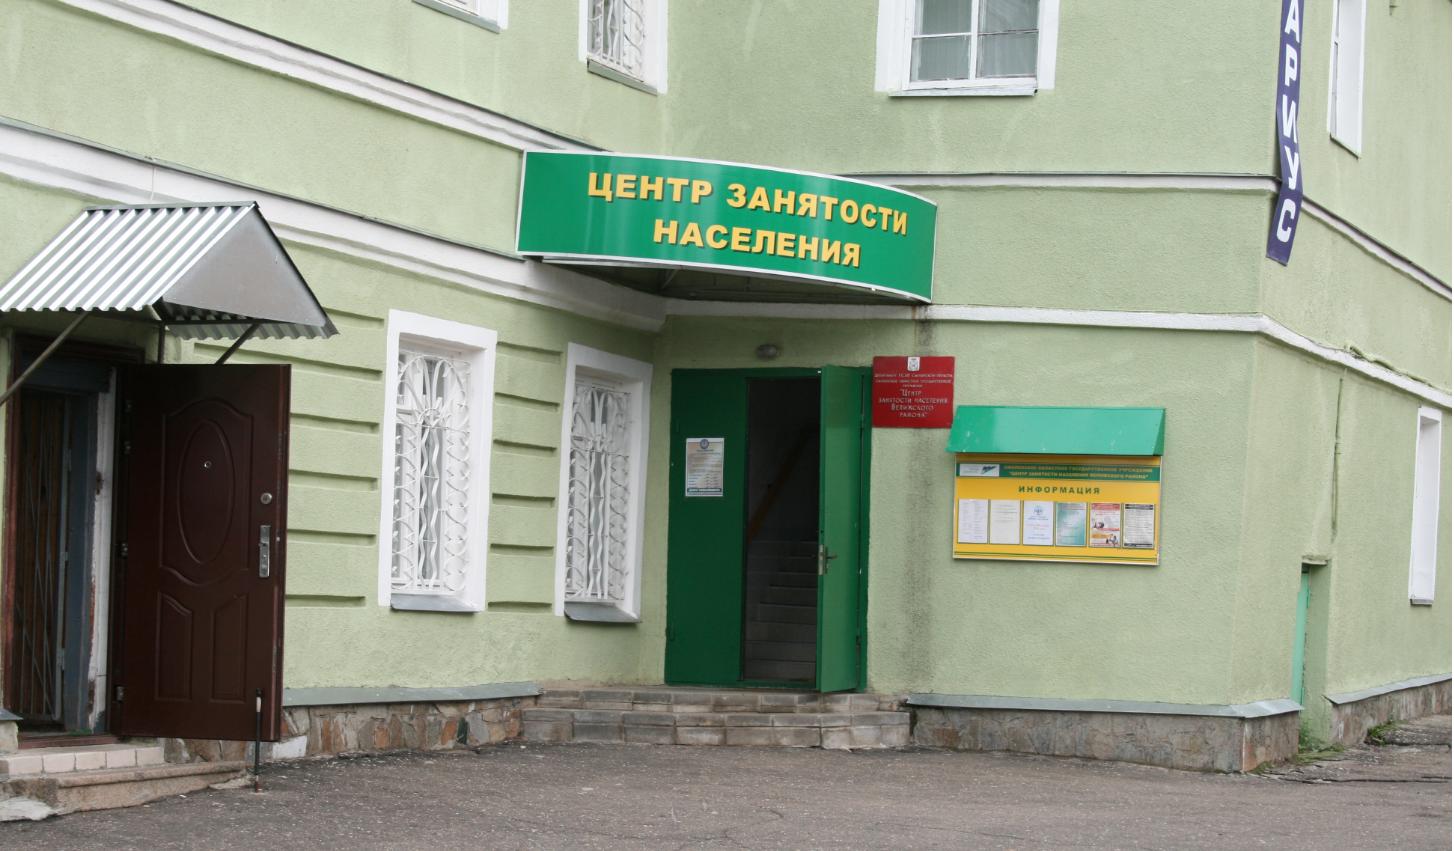 biznes-ideya-otkrytiya-chastnogo-centra-zanyatosti-naseleniya